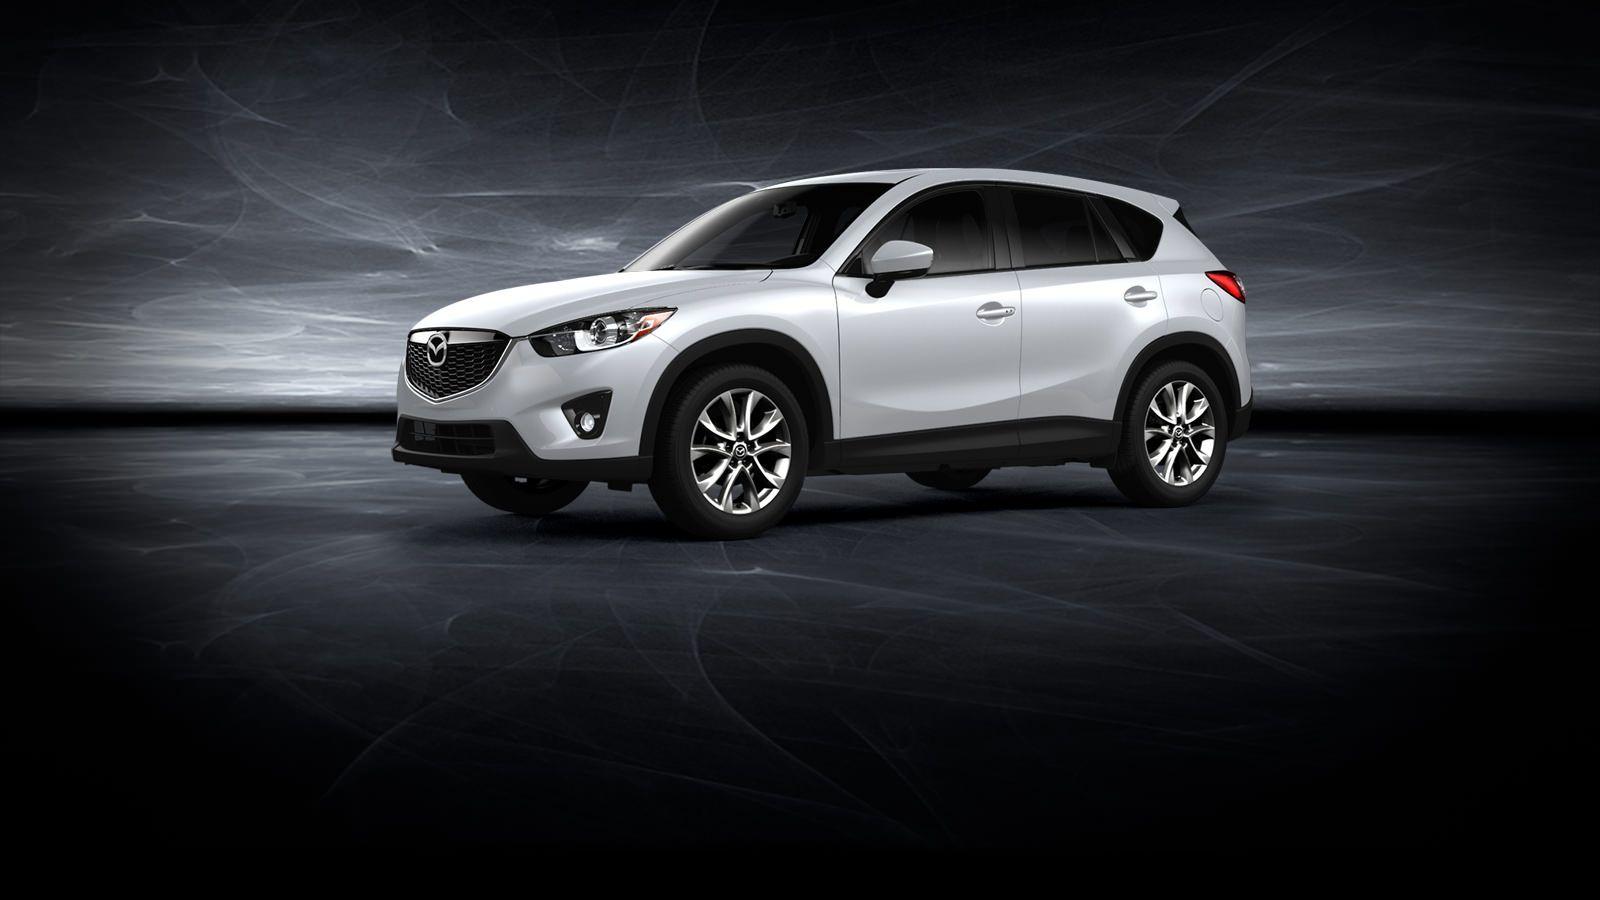 2015 Mazda Cx 5 White 20779 Wallpaper Wallatar Com Fuel Efficient Suv Crossover Suv Mazda Usa